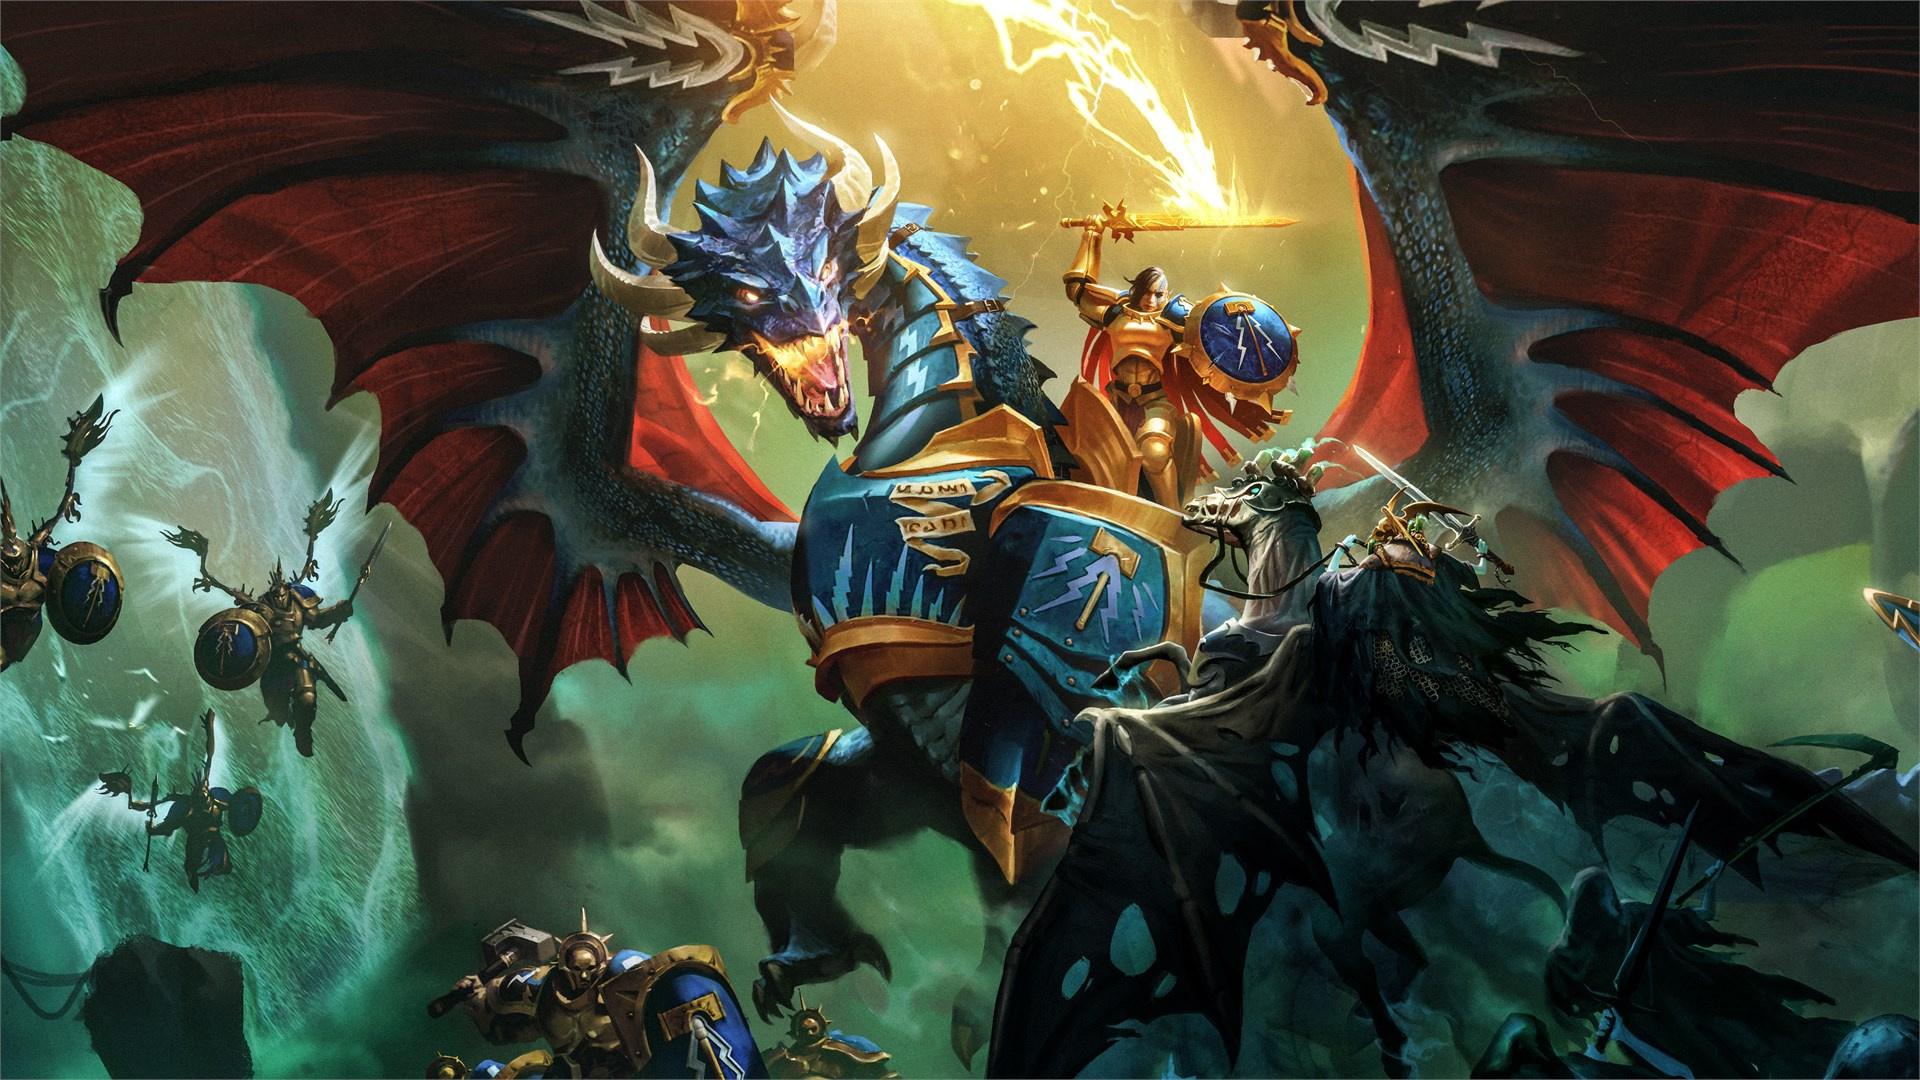 Пошаговая стратегия Warhammer Age of Sigmar: Storm Ground выйдет27 мая